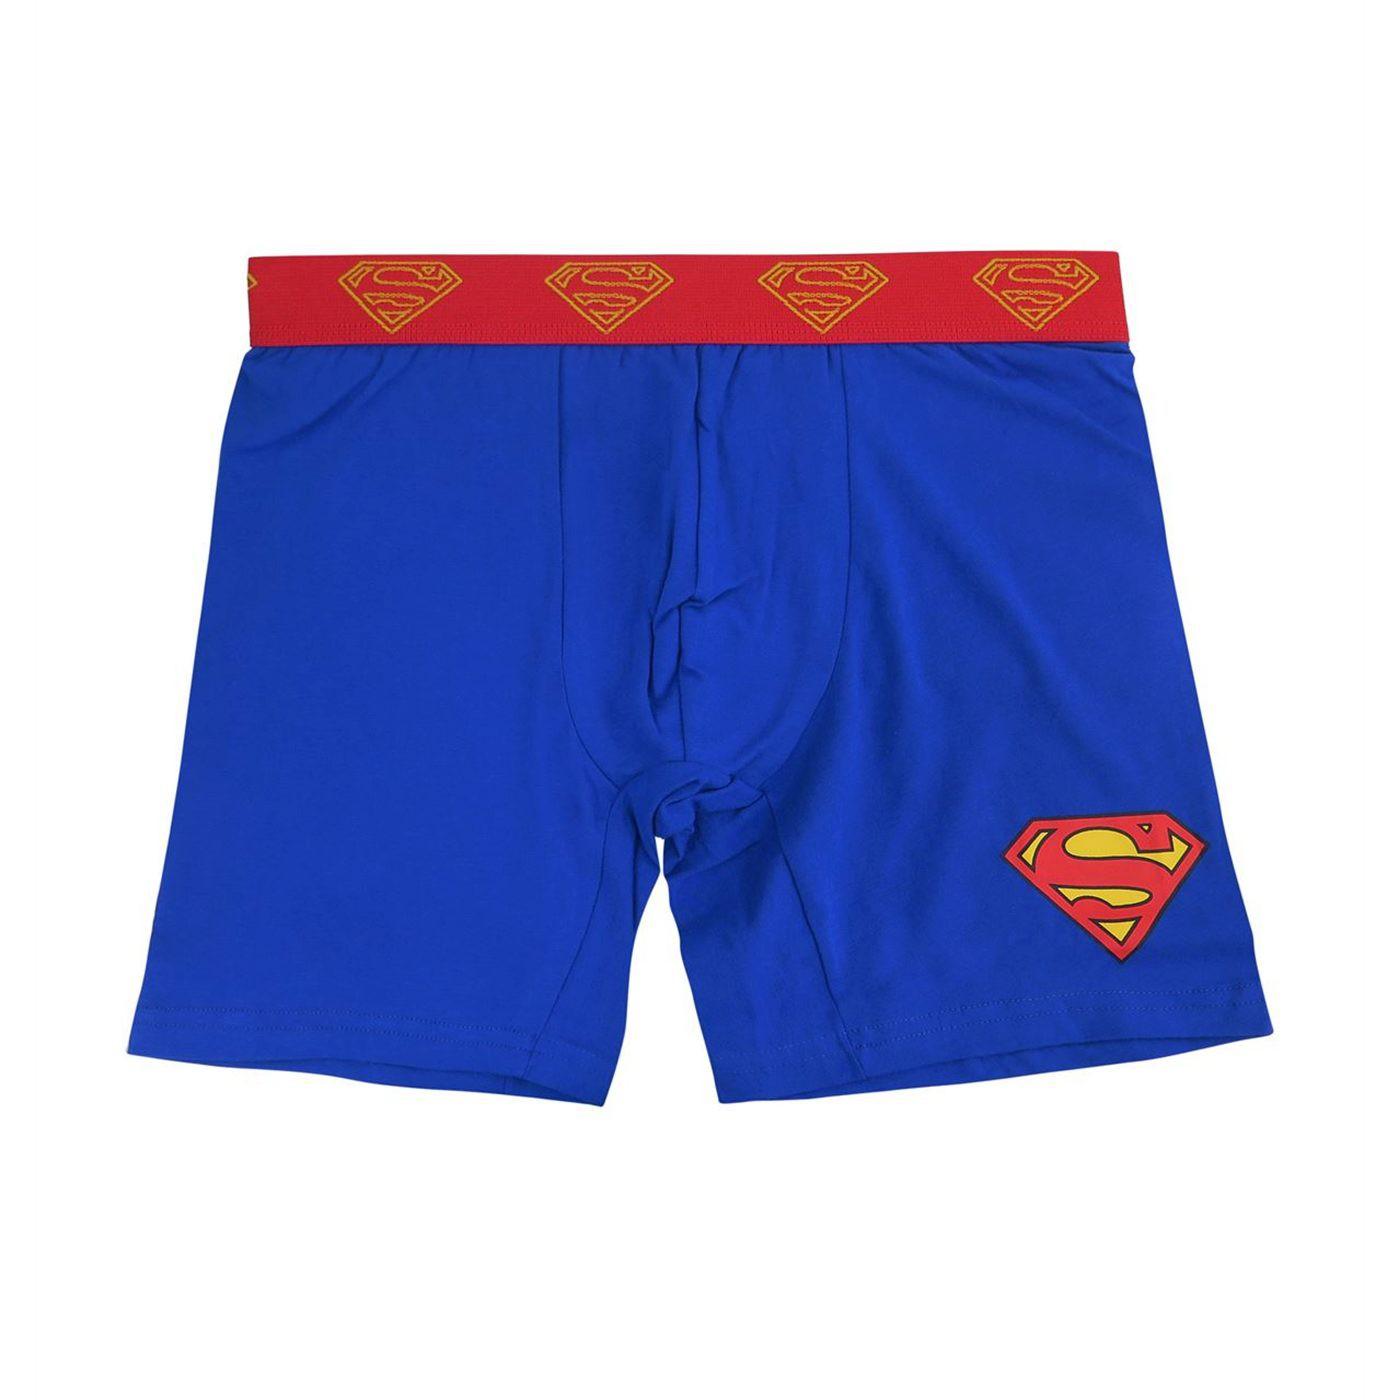 Superman Symbol Men's Underwear Fashion Boxer Briefs